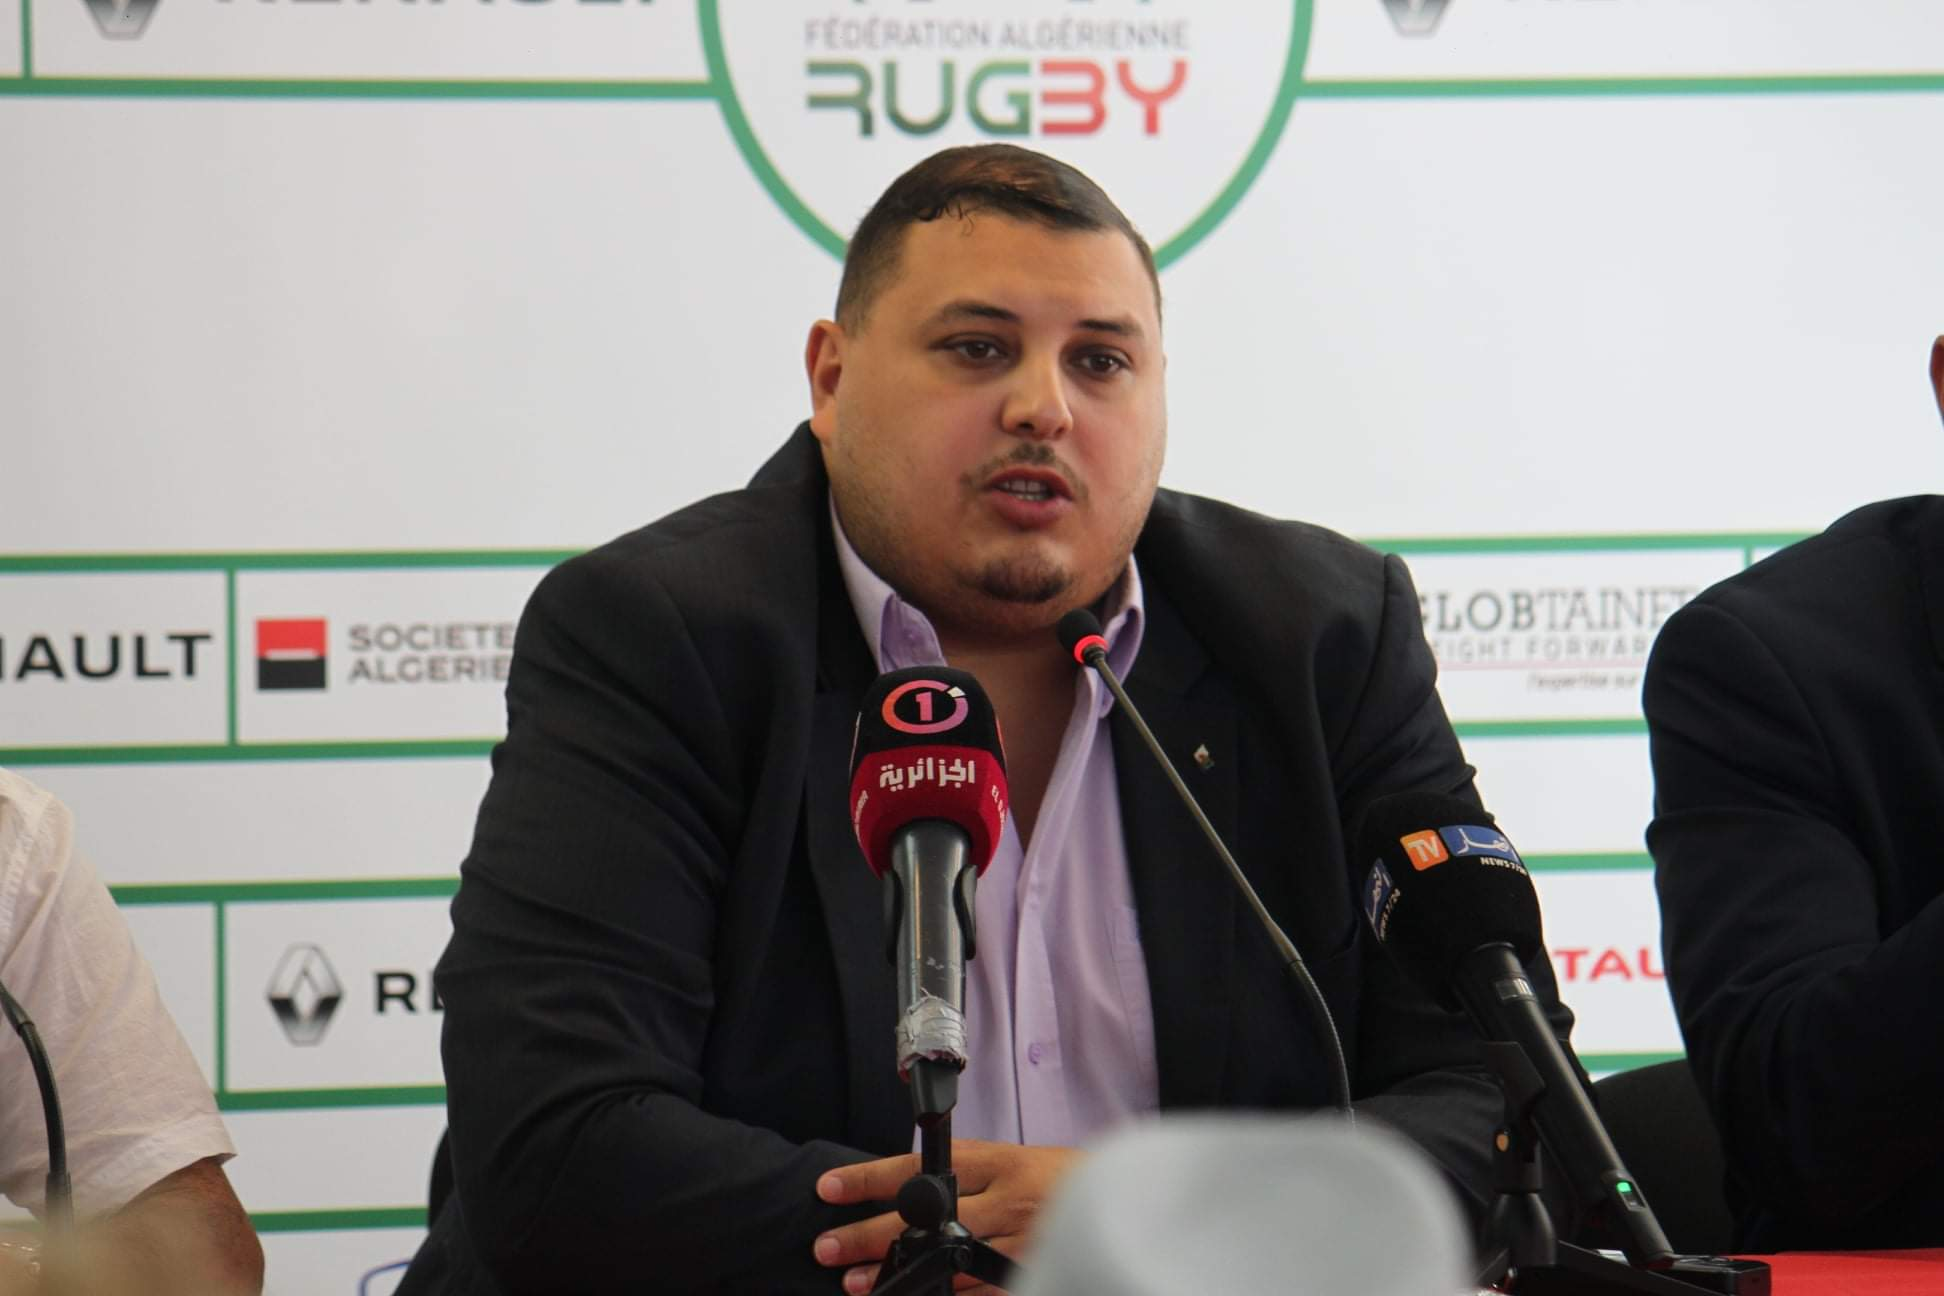 سفيان بن حسان رئيسا لإتحادية الريغبي لعهدة أولمبية ثانية